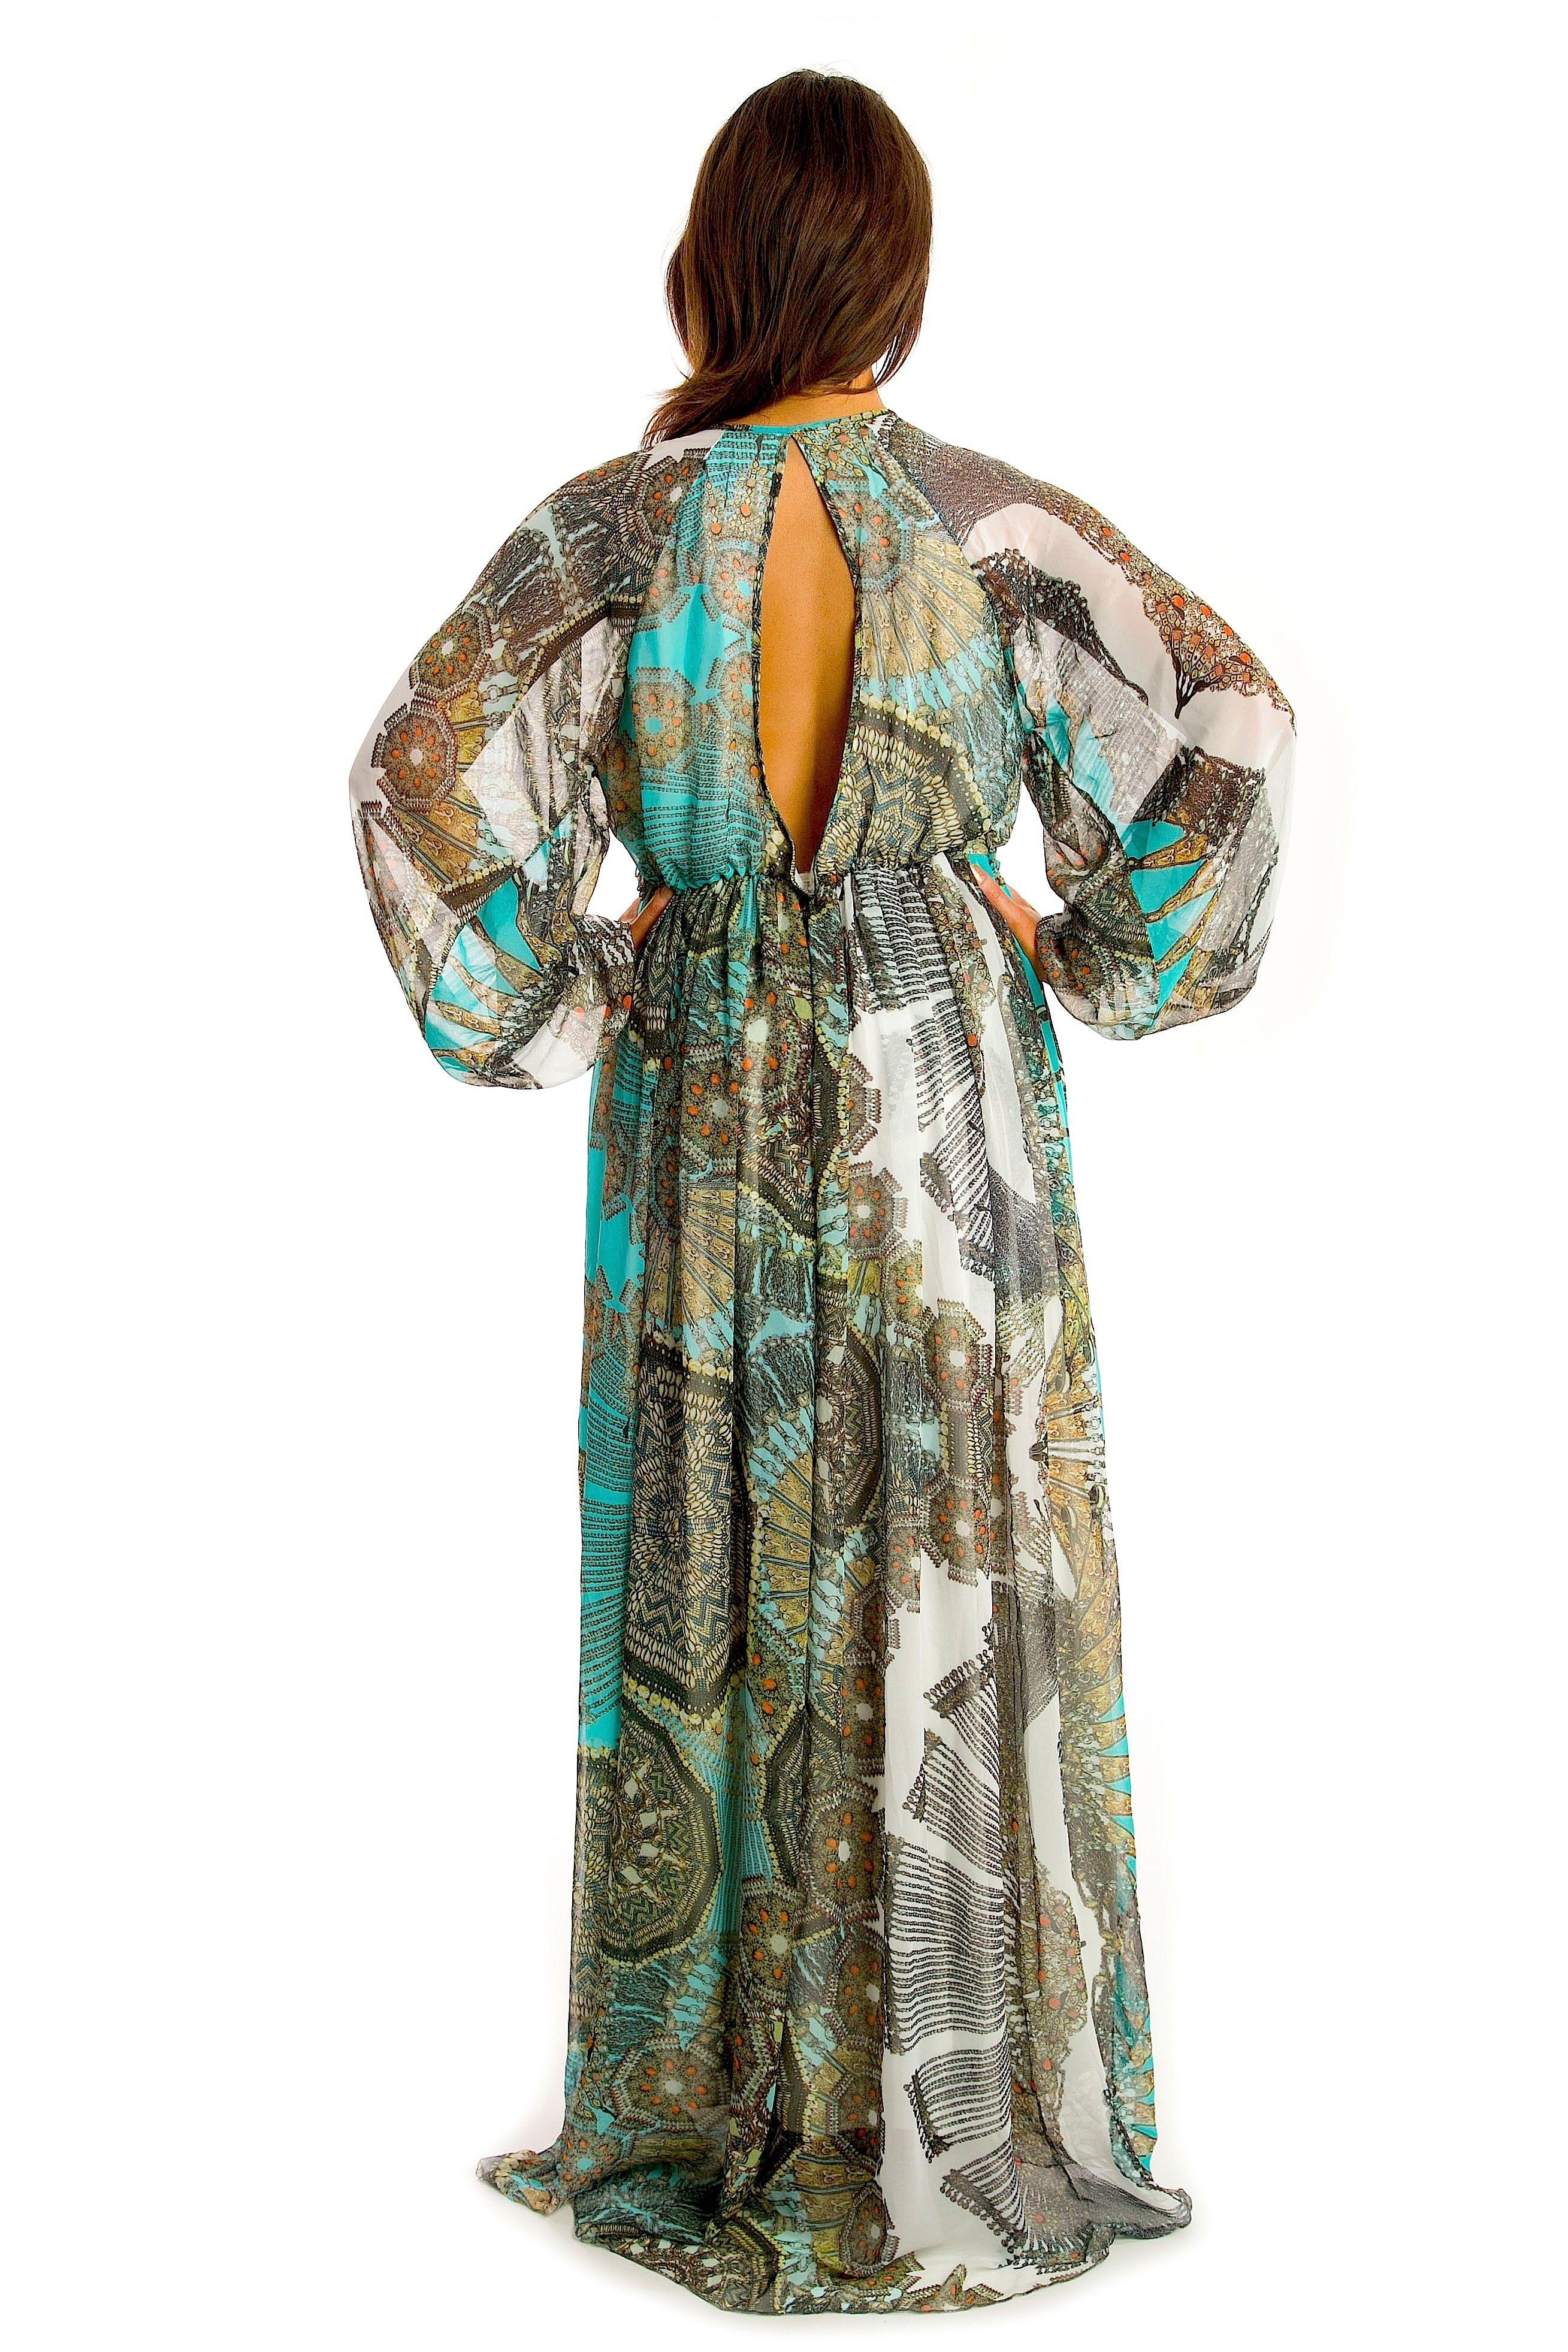 Mareska by Zafirah Fashion - zafirahfashion.com/ #dress #fashion #dubai #zafirahfashion